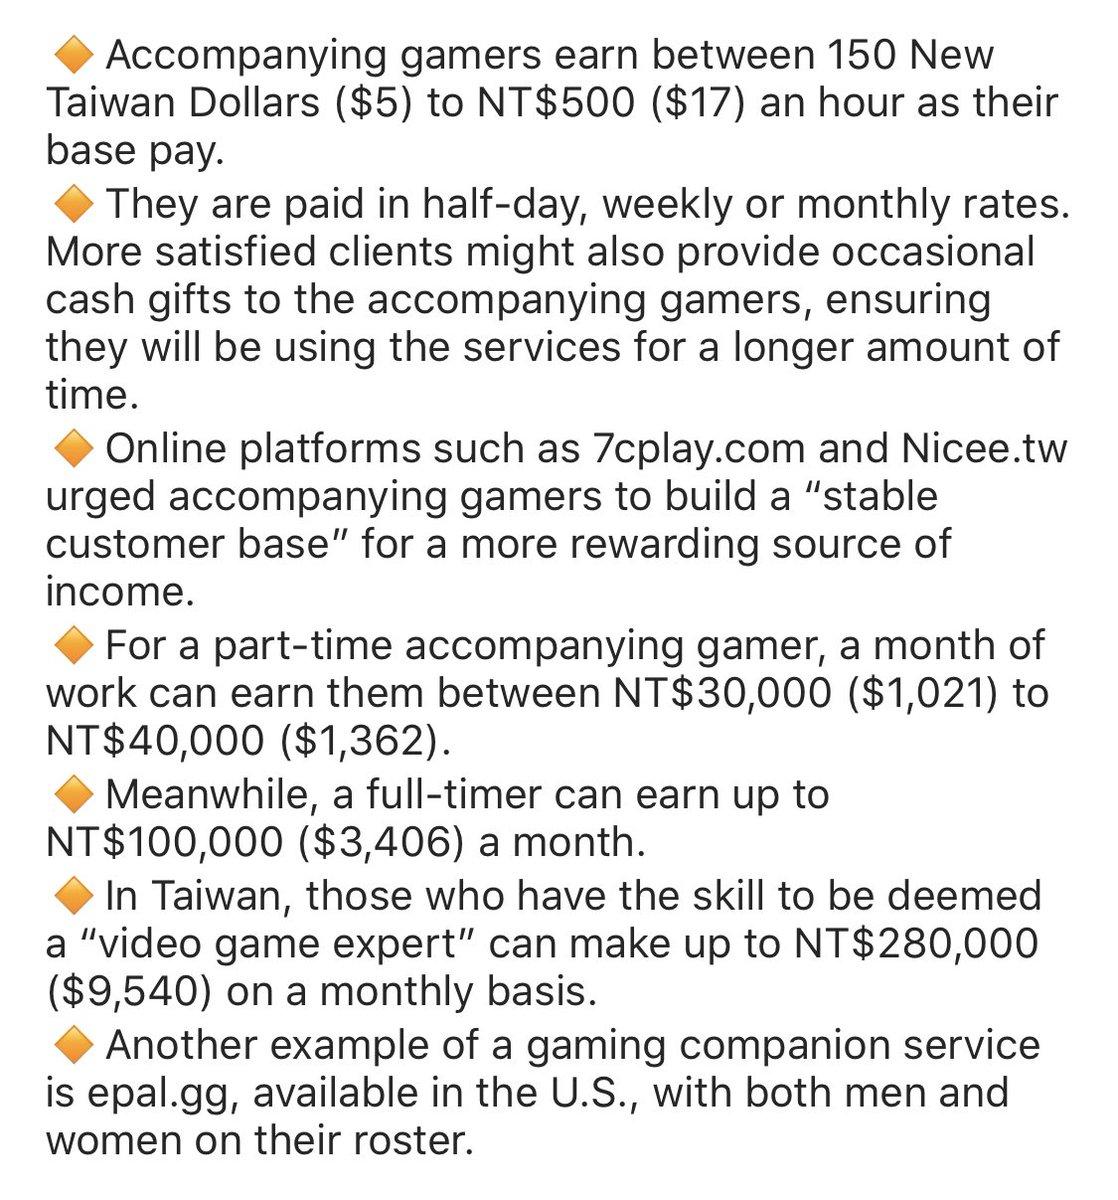 台湾で、オンラインゲームを一緒にプレイしてくれるマッチングサイトが人気らしい・・・